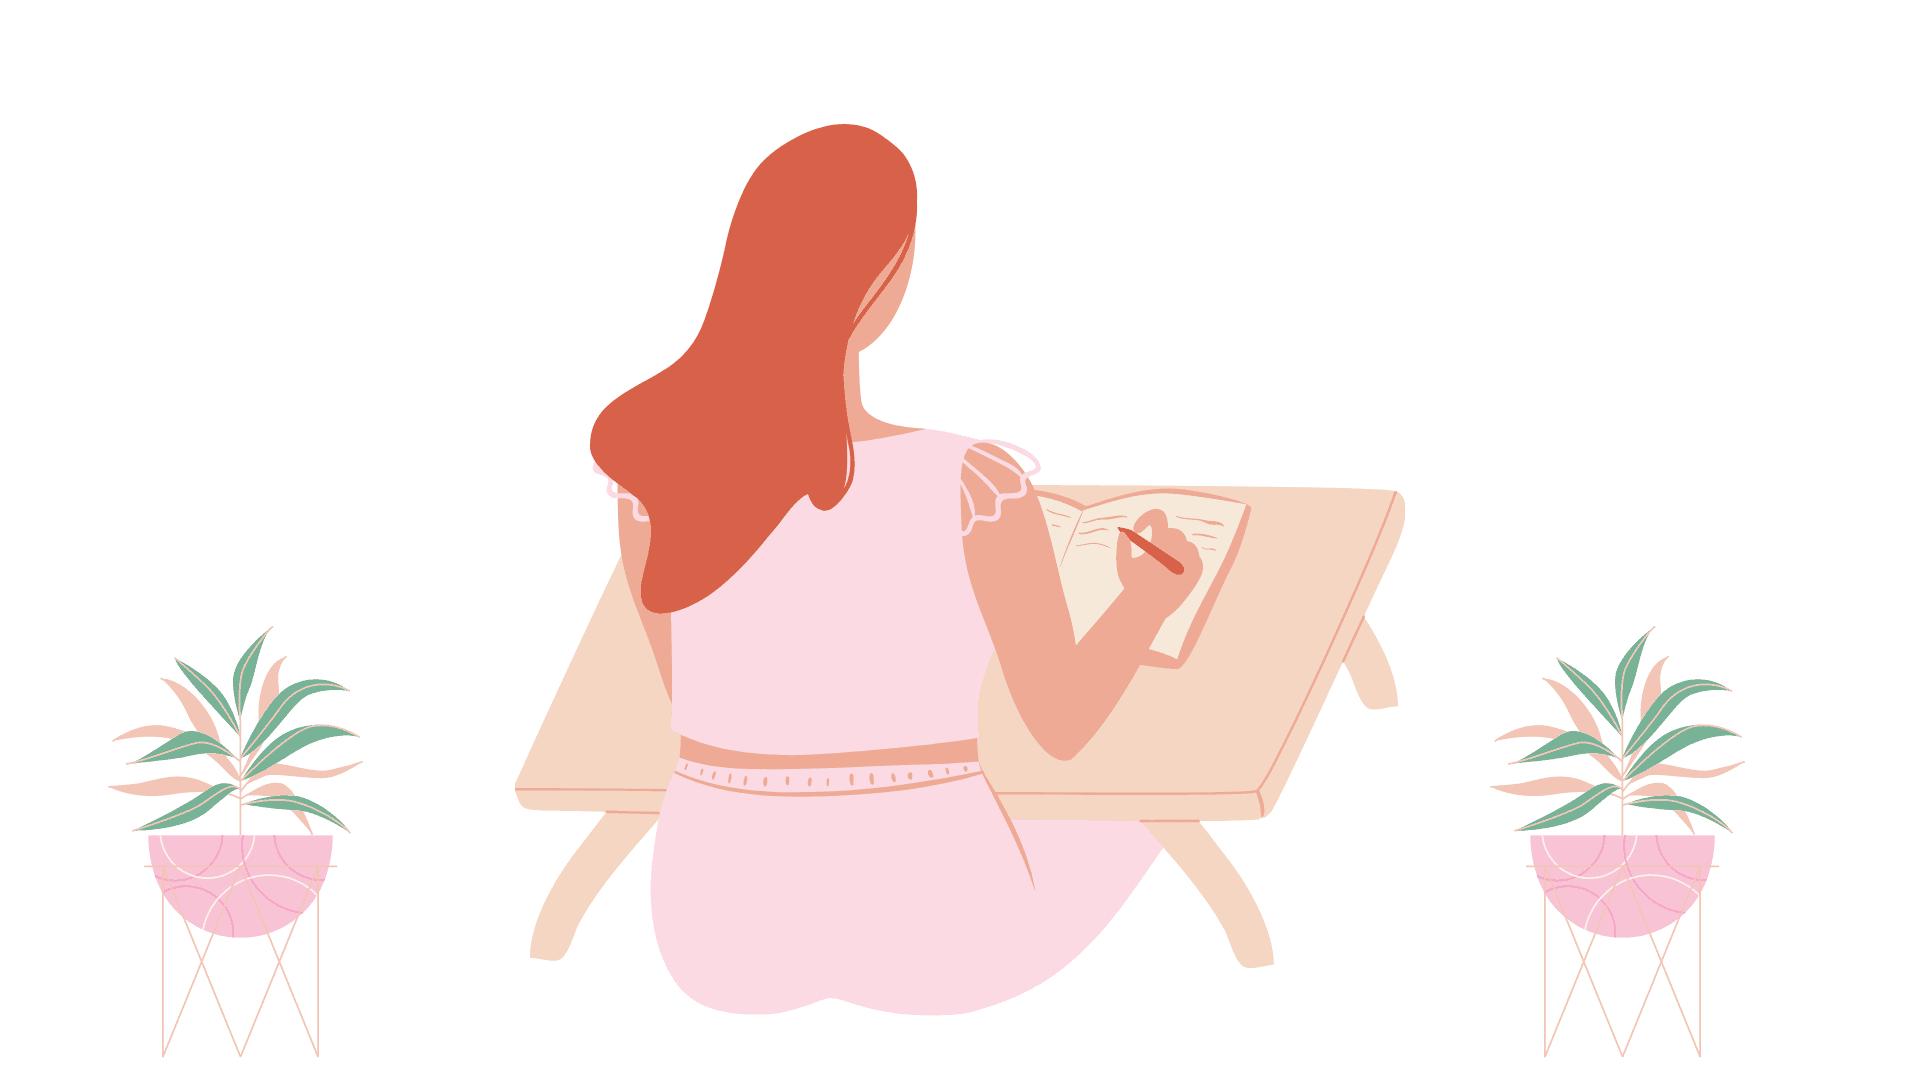 5 วิธีการทำ Social Detox ด้วยการเขียนบูโจ